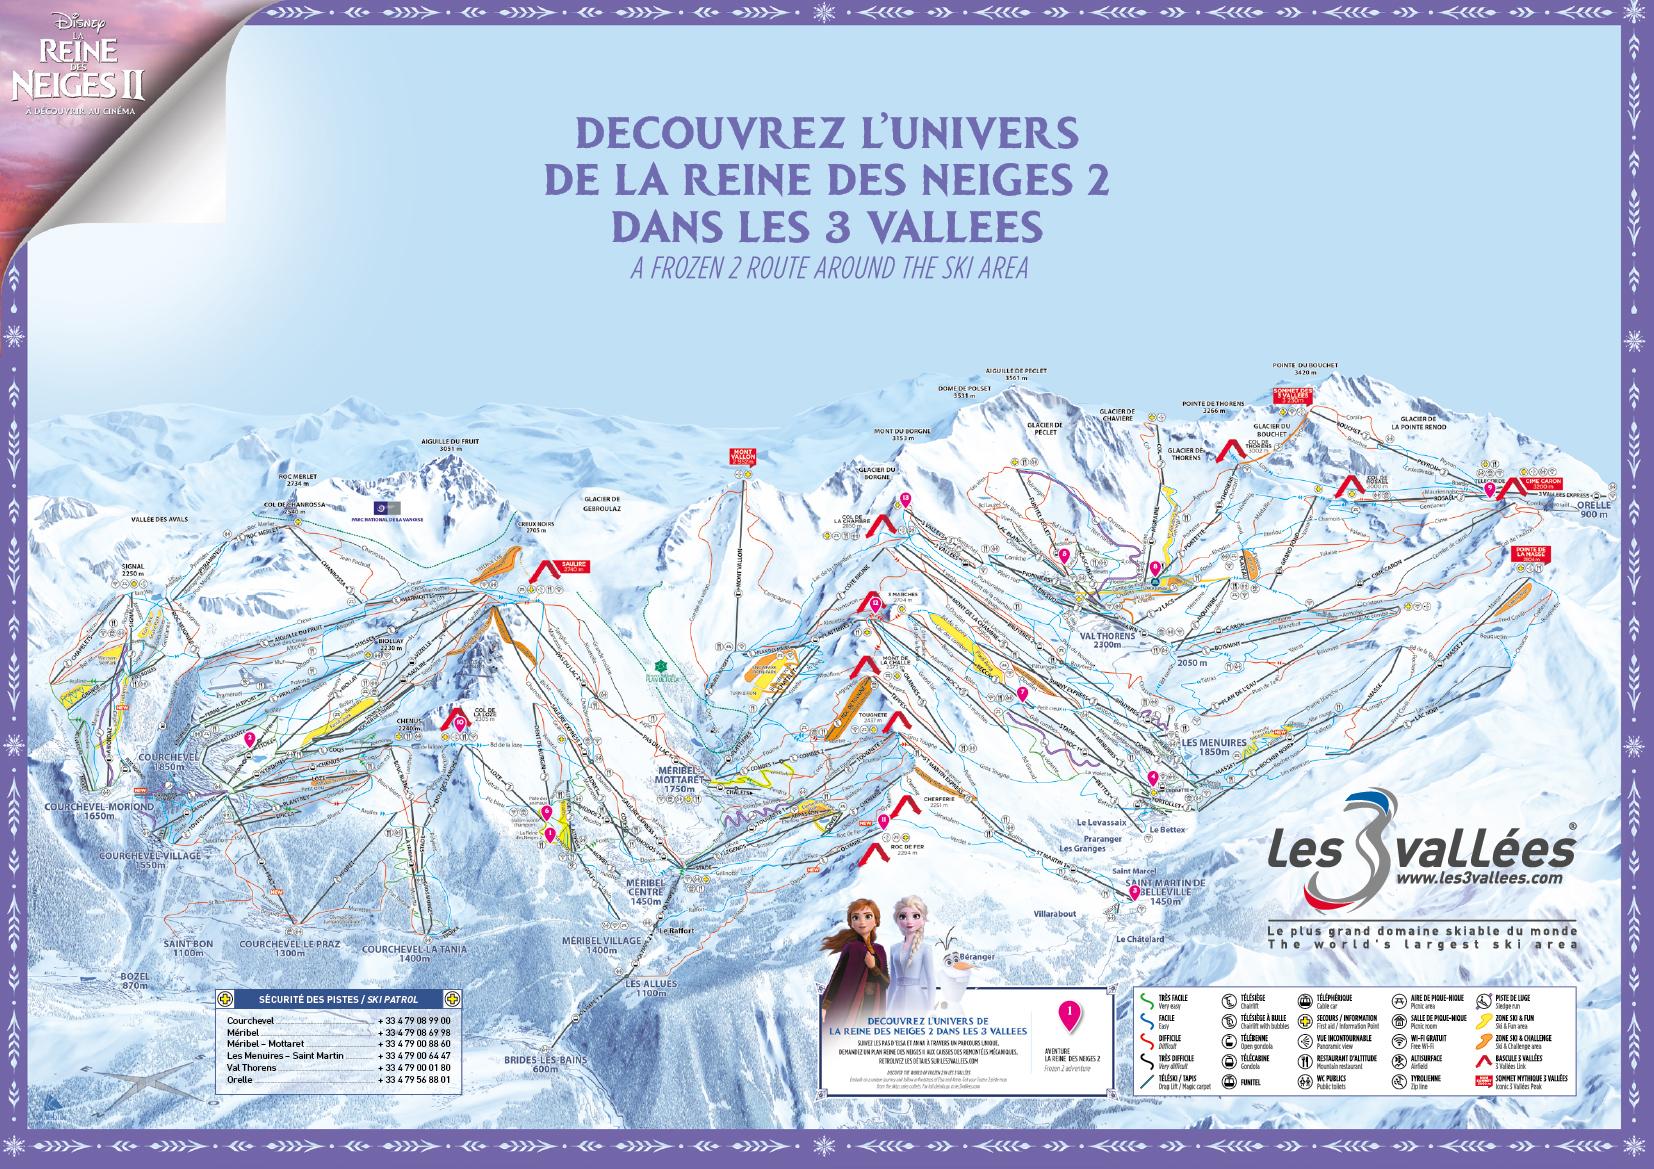 frozen 2 route in les 3 vall es activiteiten vermaak in val thorens